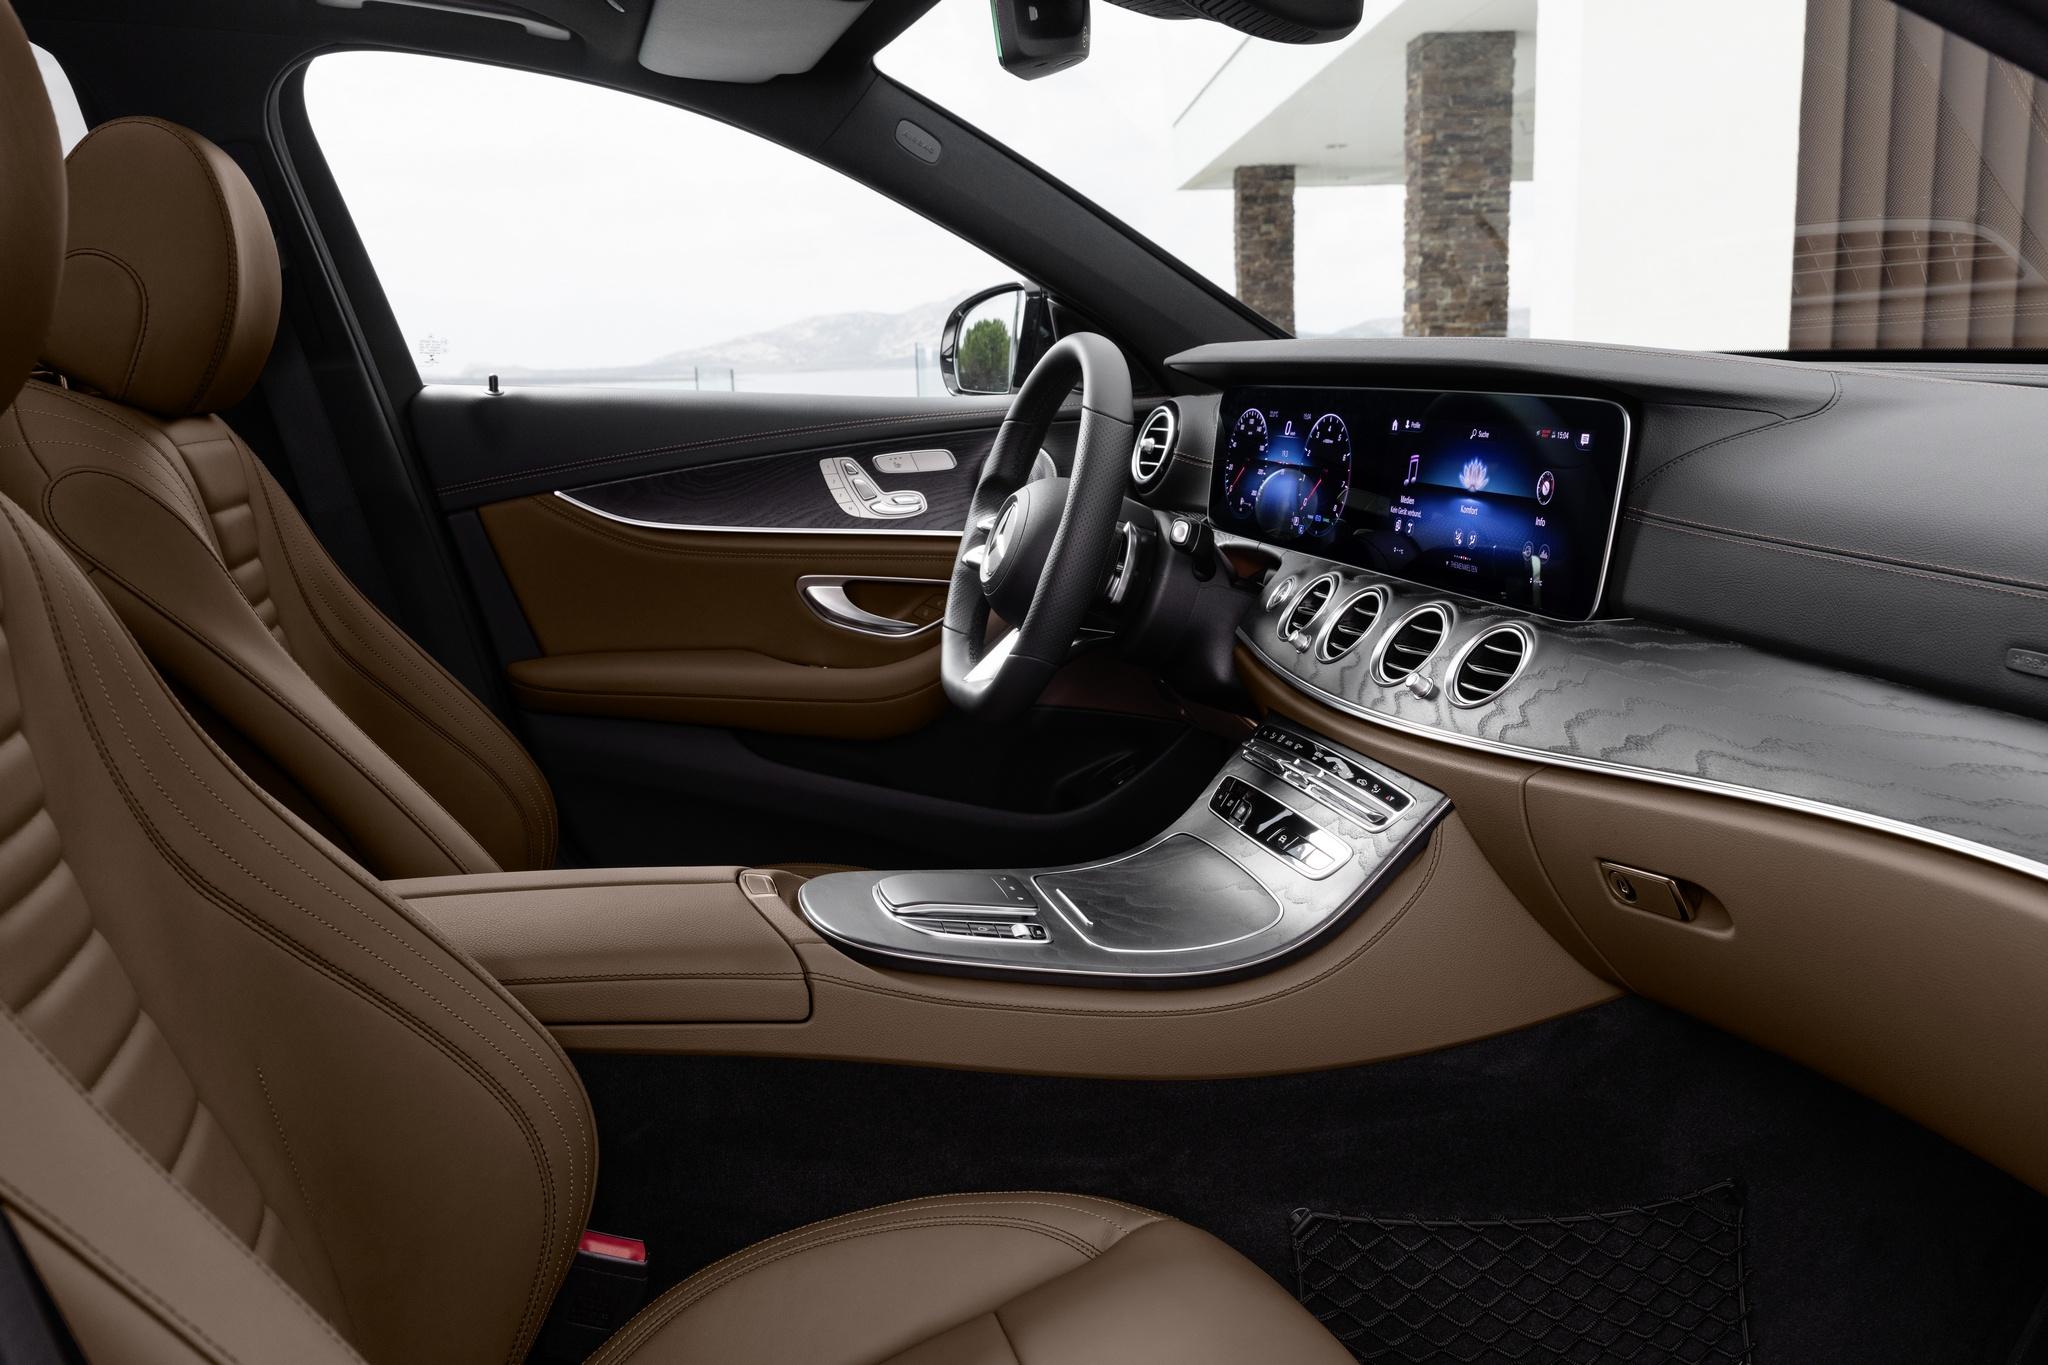 Engpass bei Widescreen Cockpit für E-Klasse Limo & T-Modell